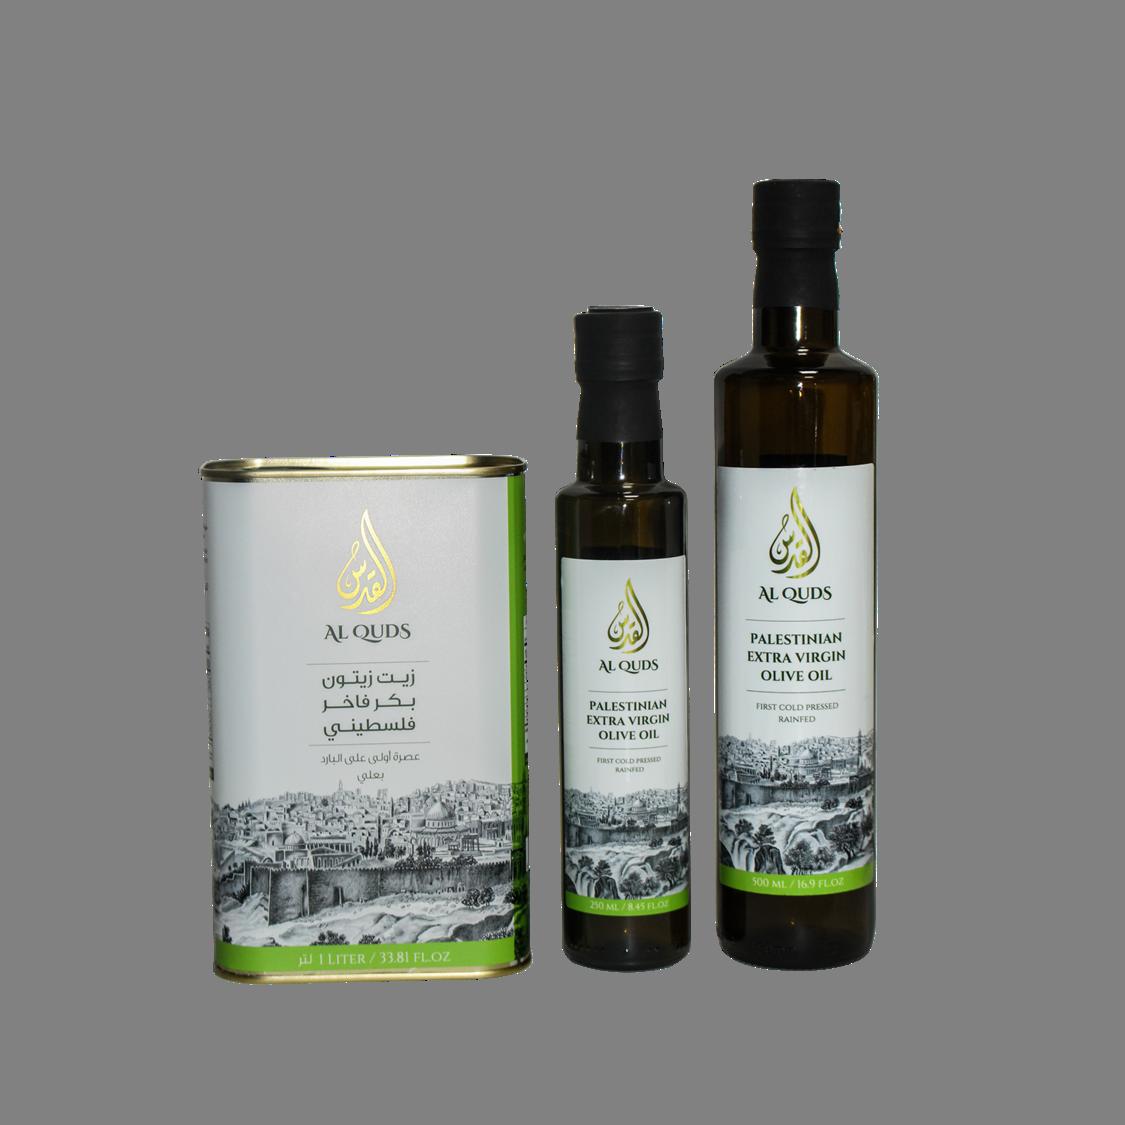 Al Quds Extra Virgin Olive Oil